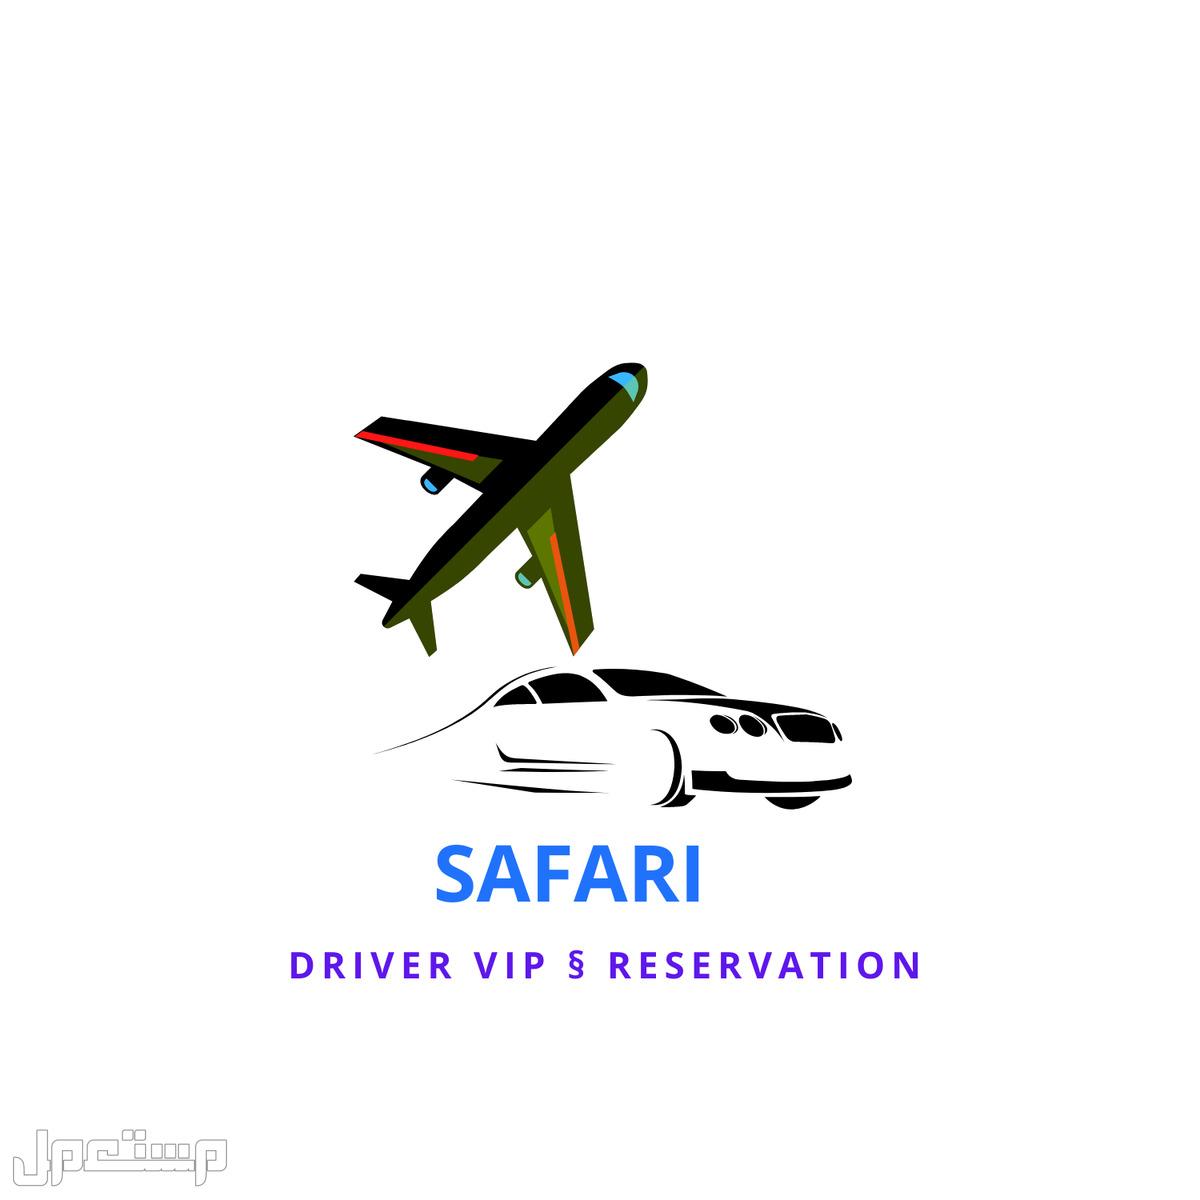 مدينة مراكش الساحرة نقدم لكم سائق خاص من مطار الى مدينة مع بقاء معكم في الت